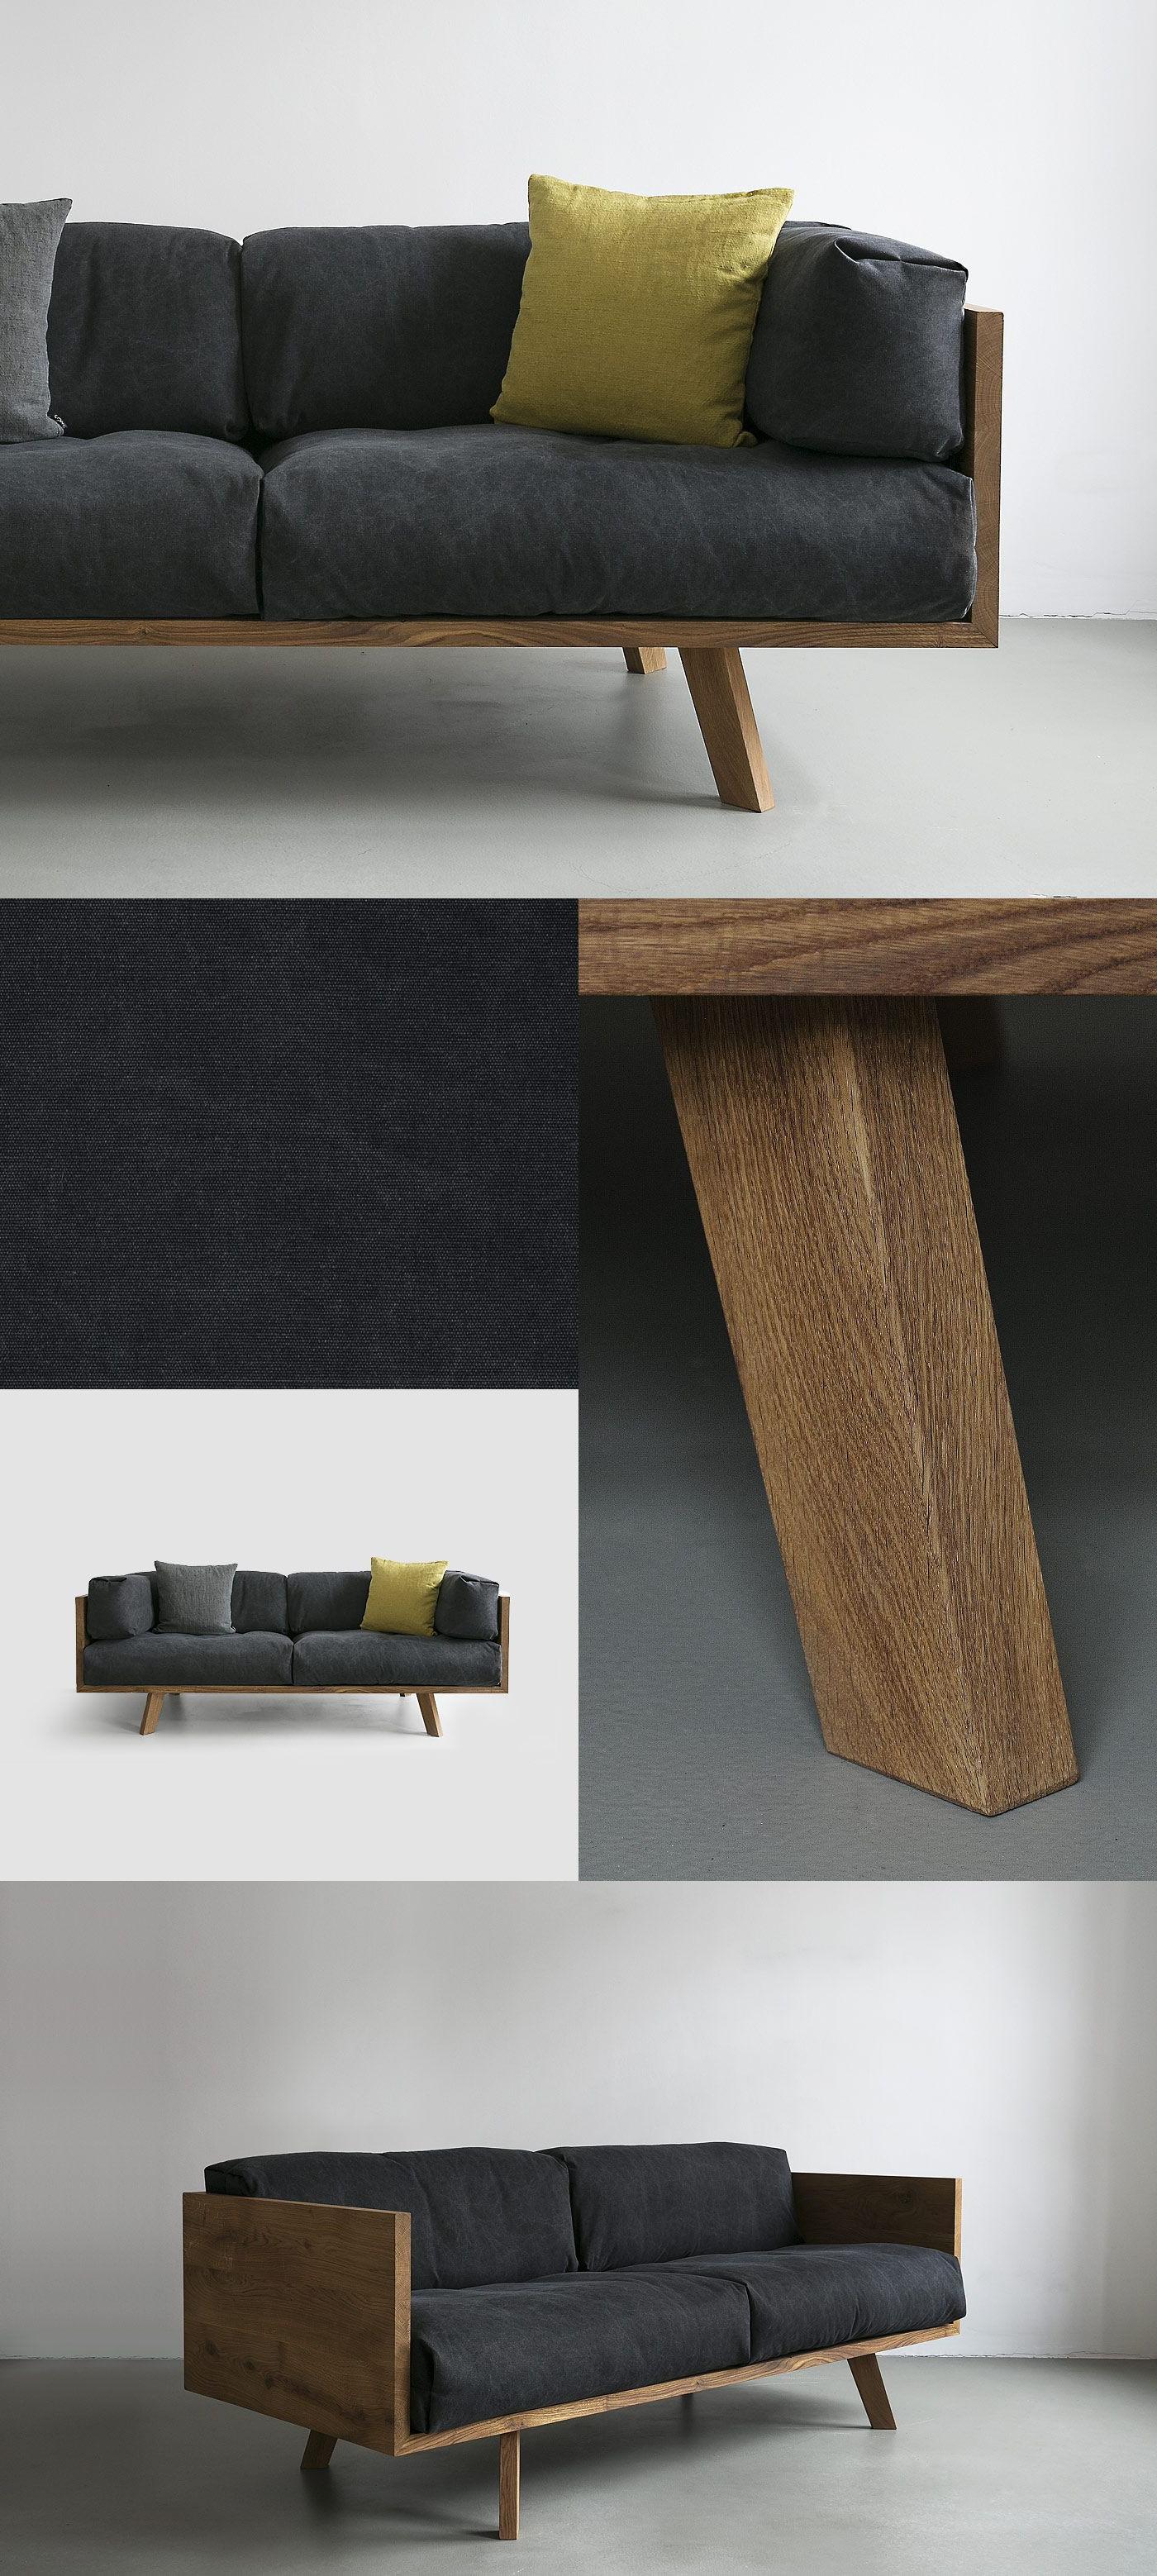 Muebles nordicos Modernos Txdf Lo Gran Muebles nordicos Modernos En Pin De Niv Cohen En